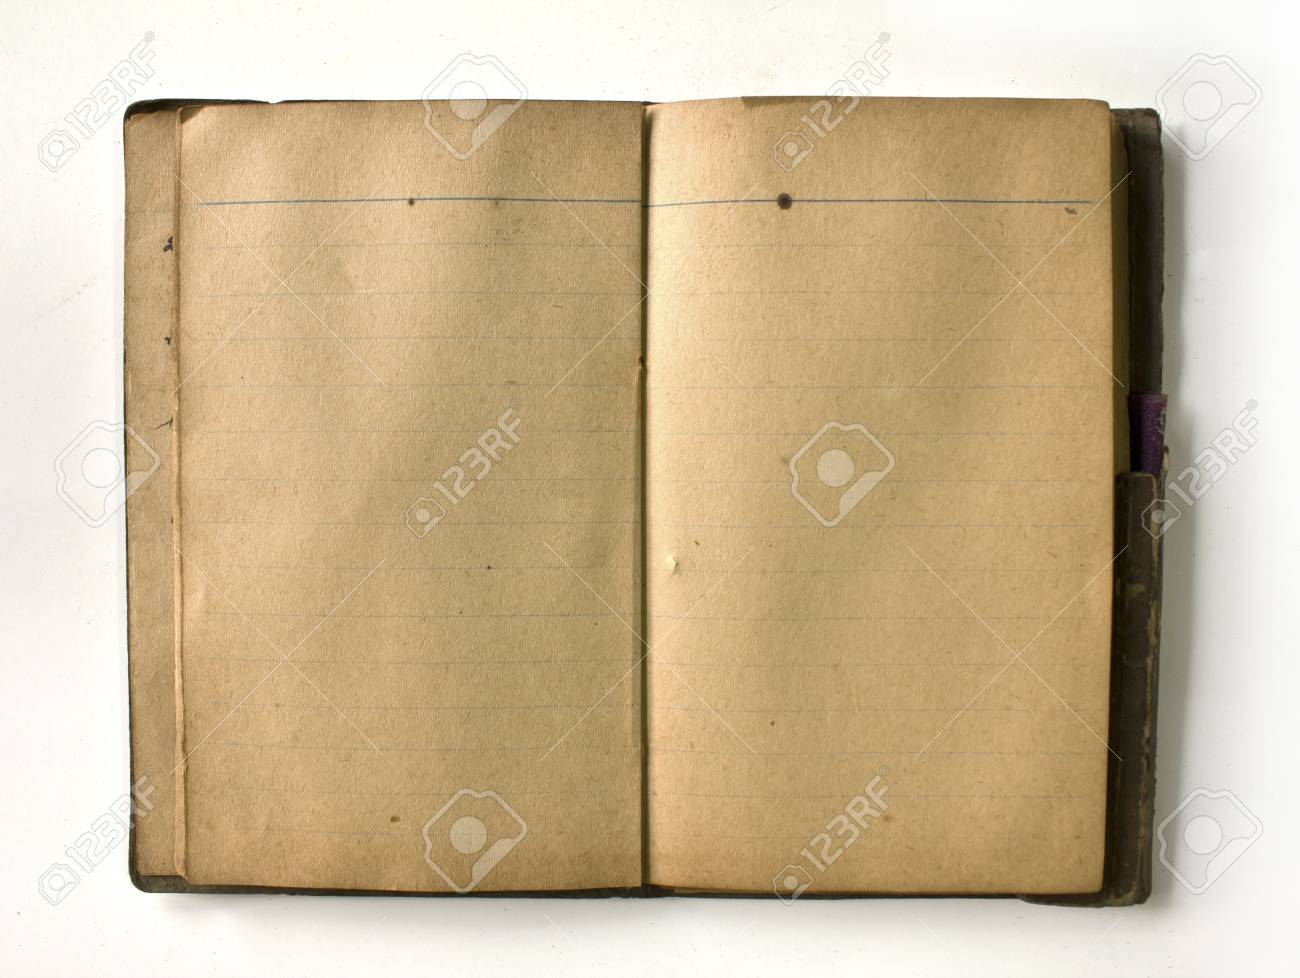 Old Book Livre Ancien Isole Sur Fond Blanc